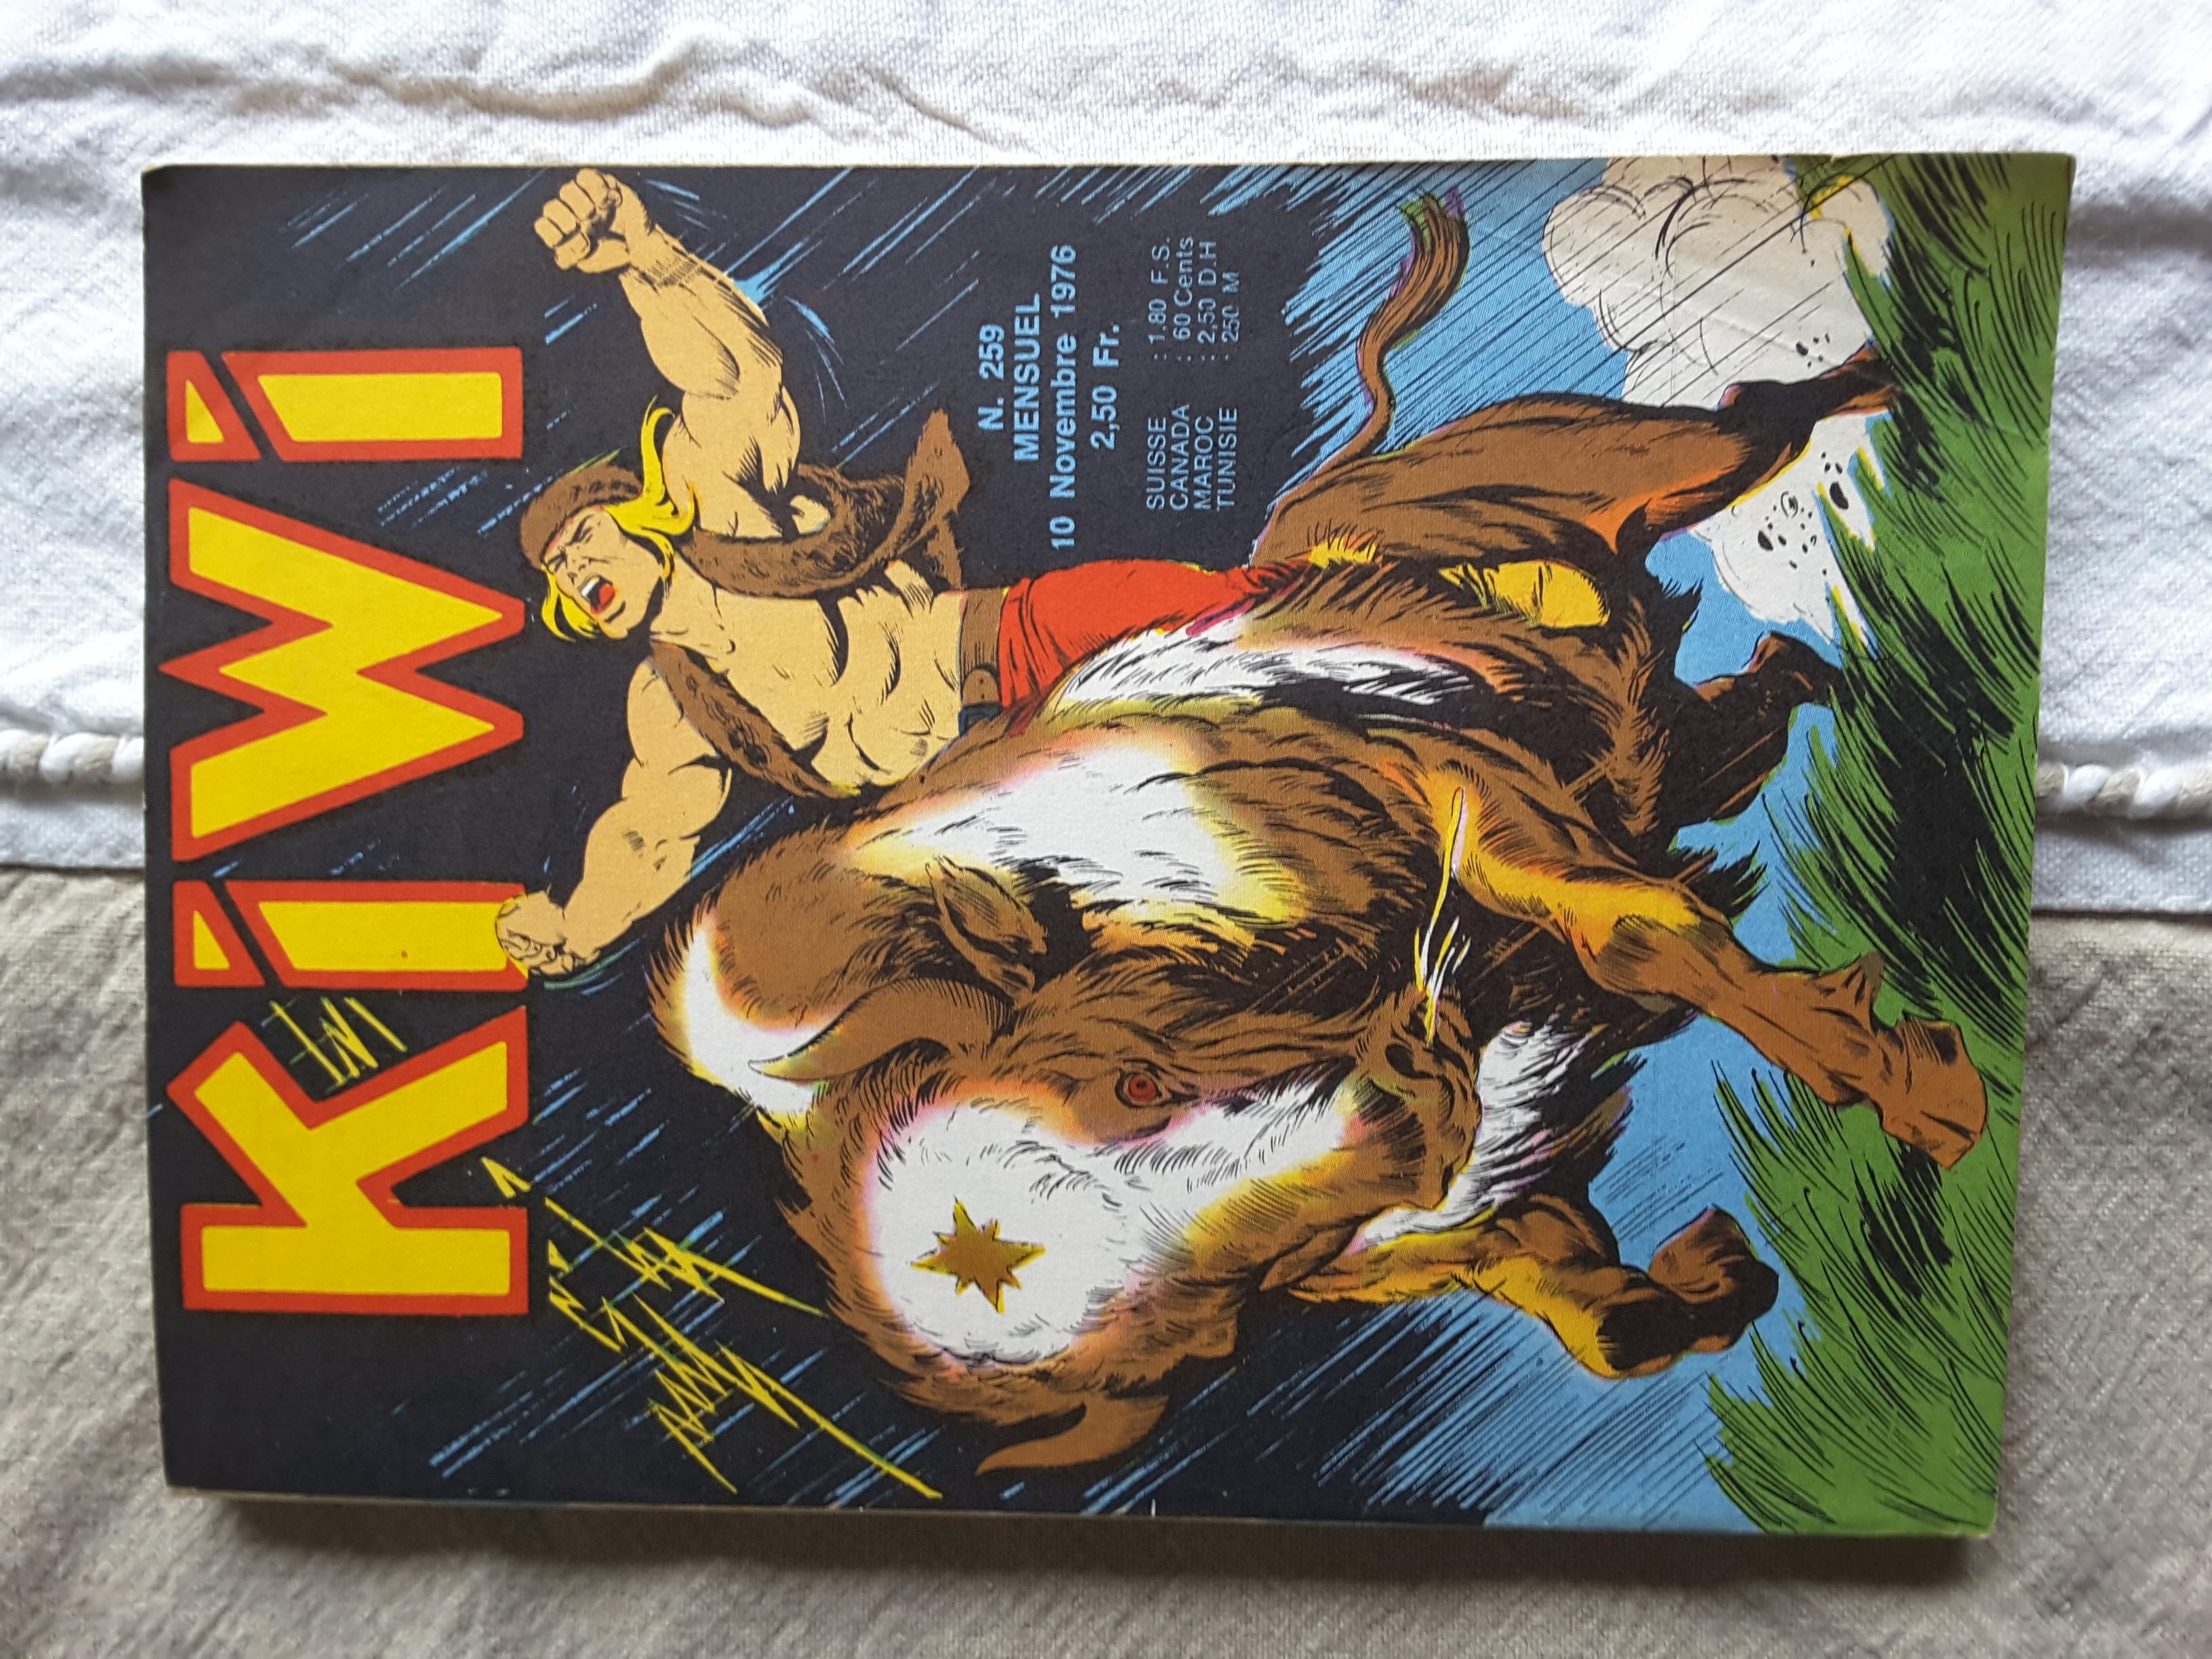 Kiwi 259 - Pas même une bête (2e partie)